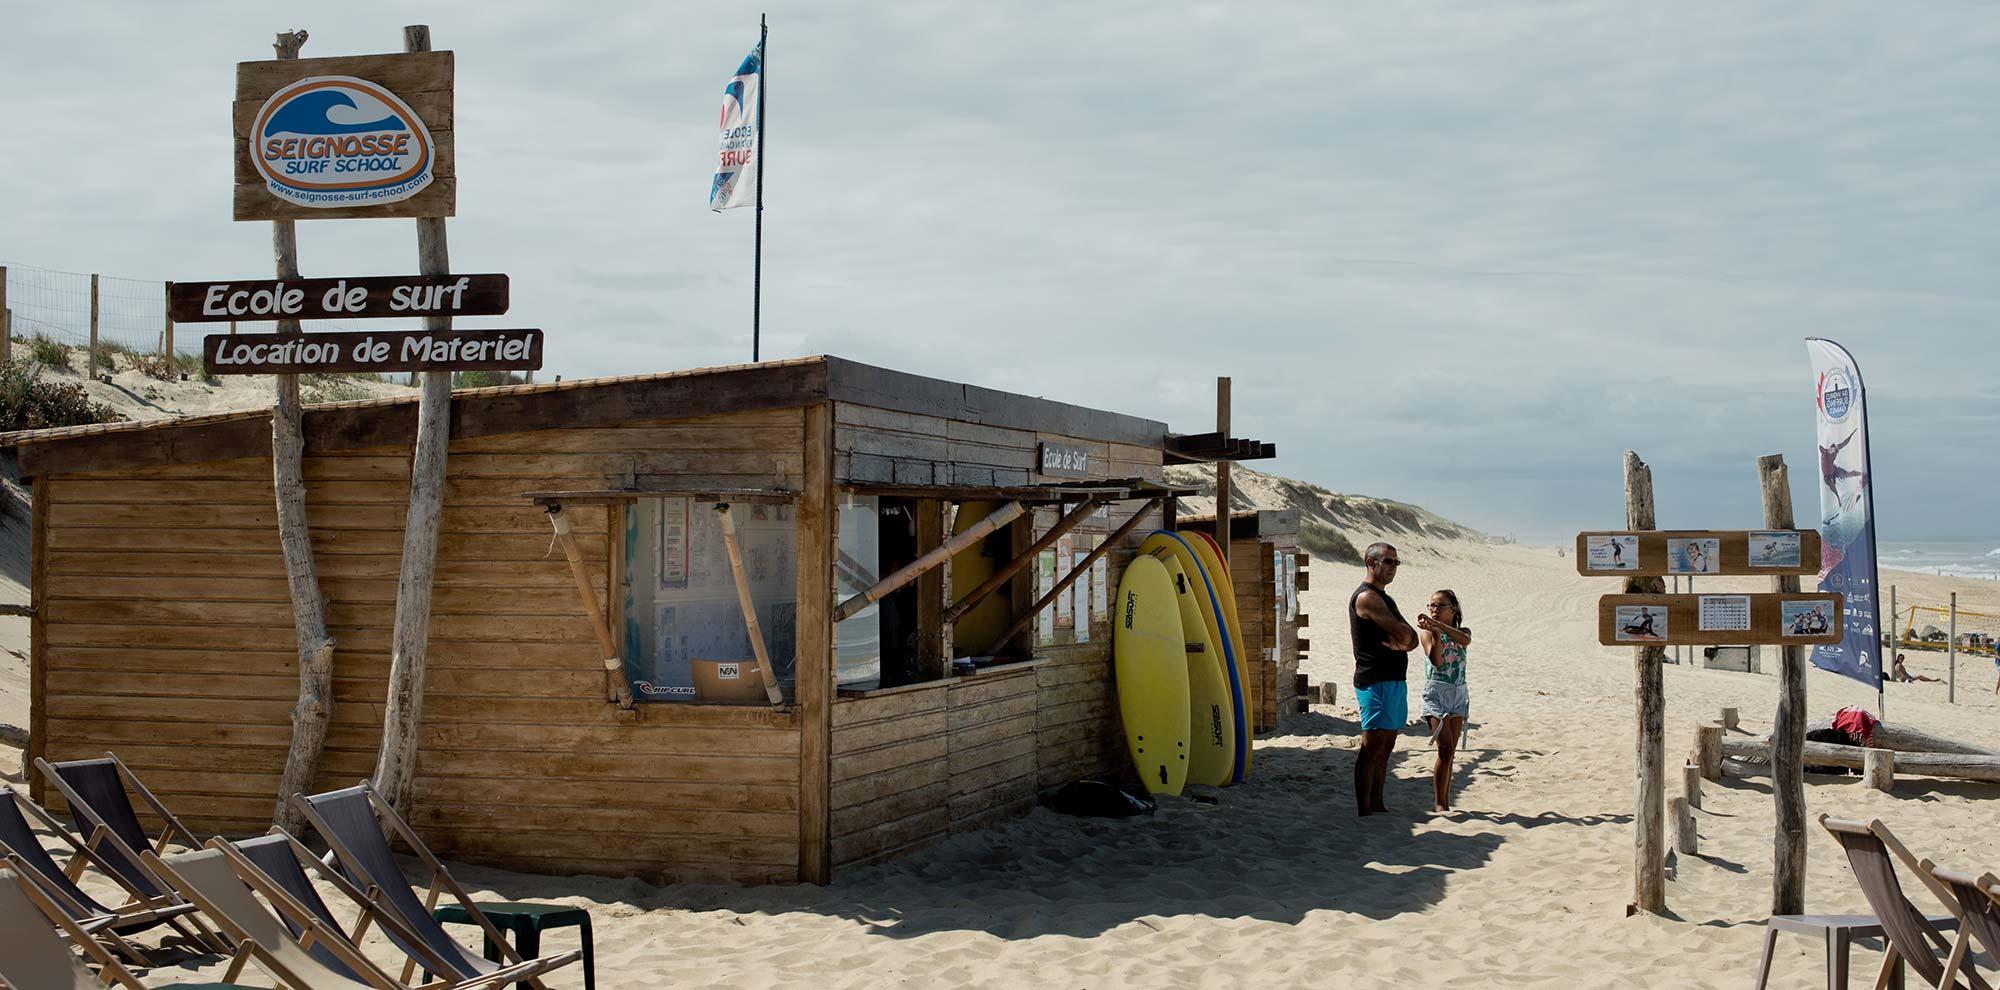 cabane surf shack